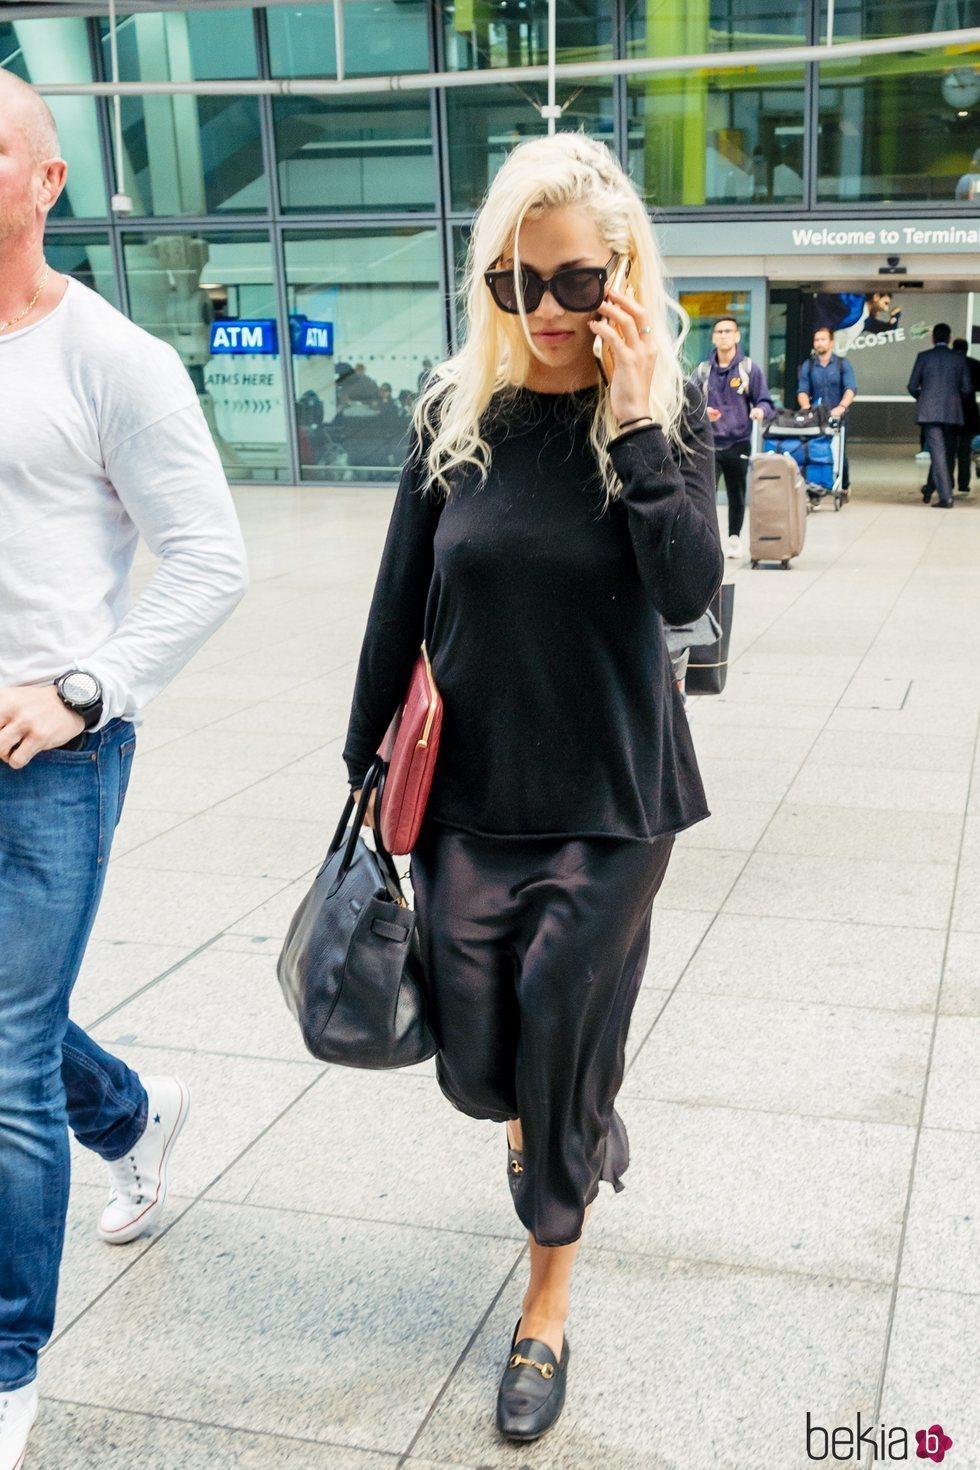 Rita Ora con look 'total black' de vestido satinado en el aeropuerto de Heathrow